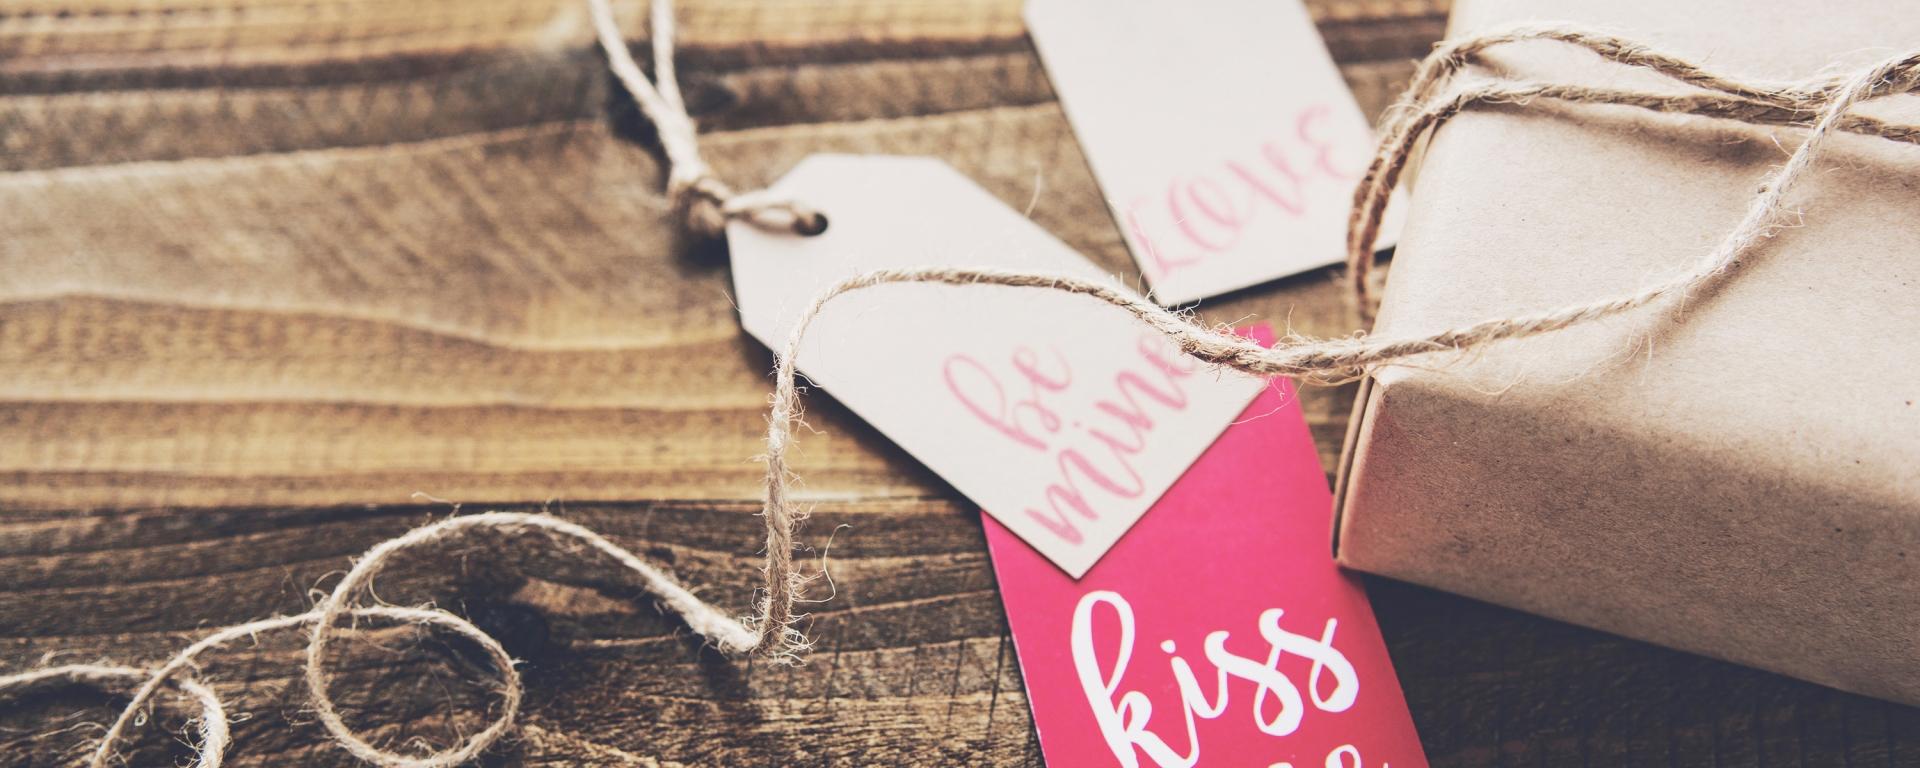 05 idées de cadeaux pour titiller vos sens à la saint valentin - the sexy chemical company